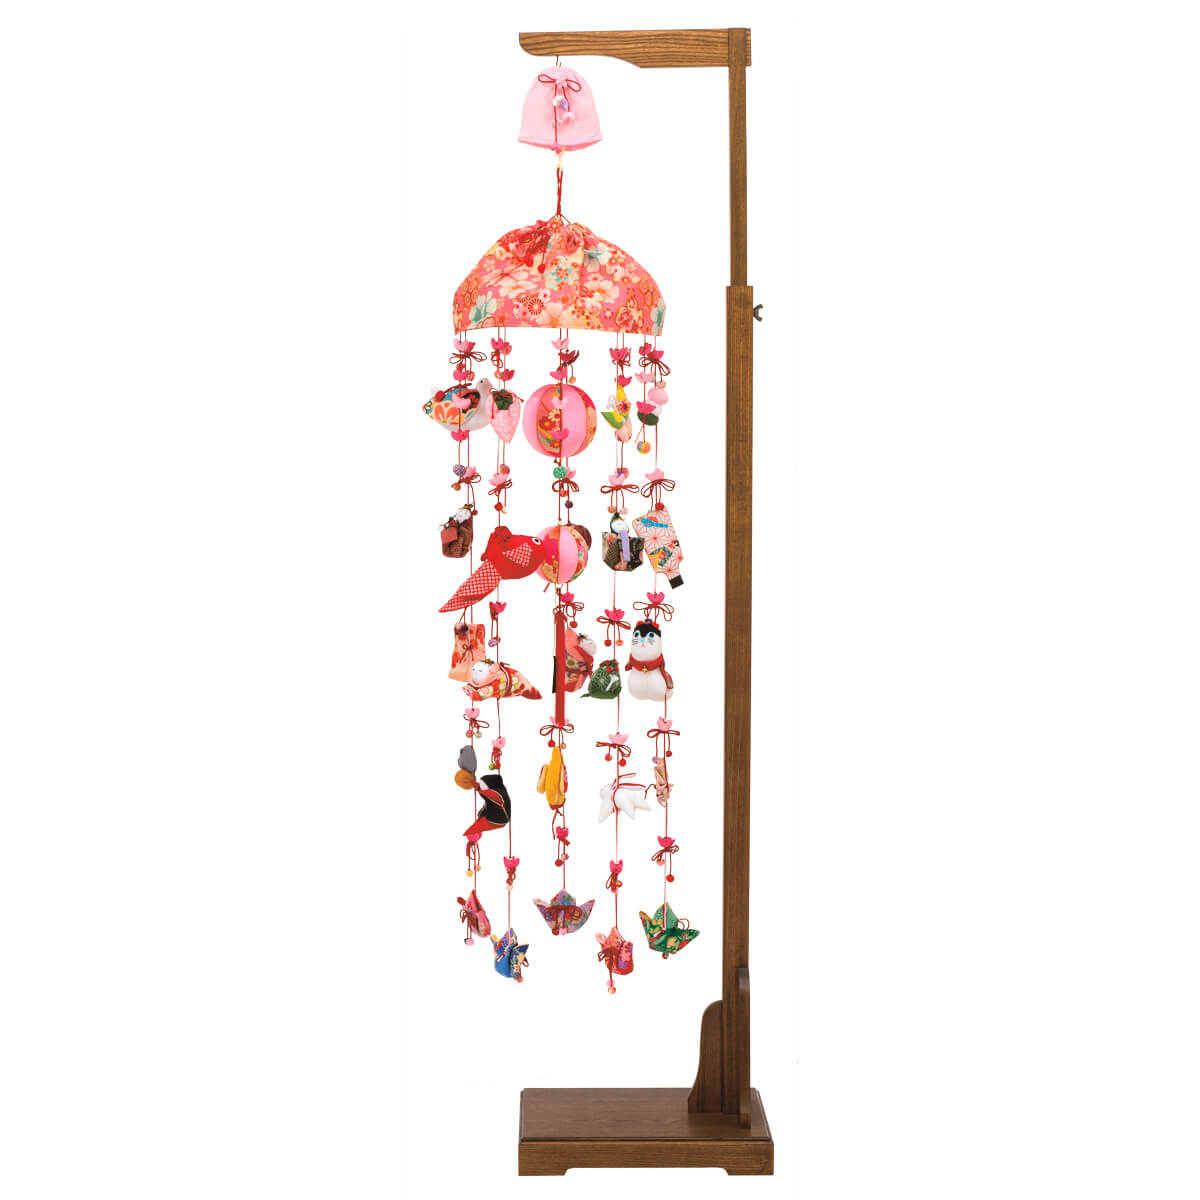 花音/響オルゴール付 伸縮スタンド付 TRS-H-332368送料無料 ※北海道 沖縄は除く つるし雛 吊るし飾り で 桃の節句 雛祭り ひな祭り 雛人形 のお祝いに